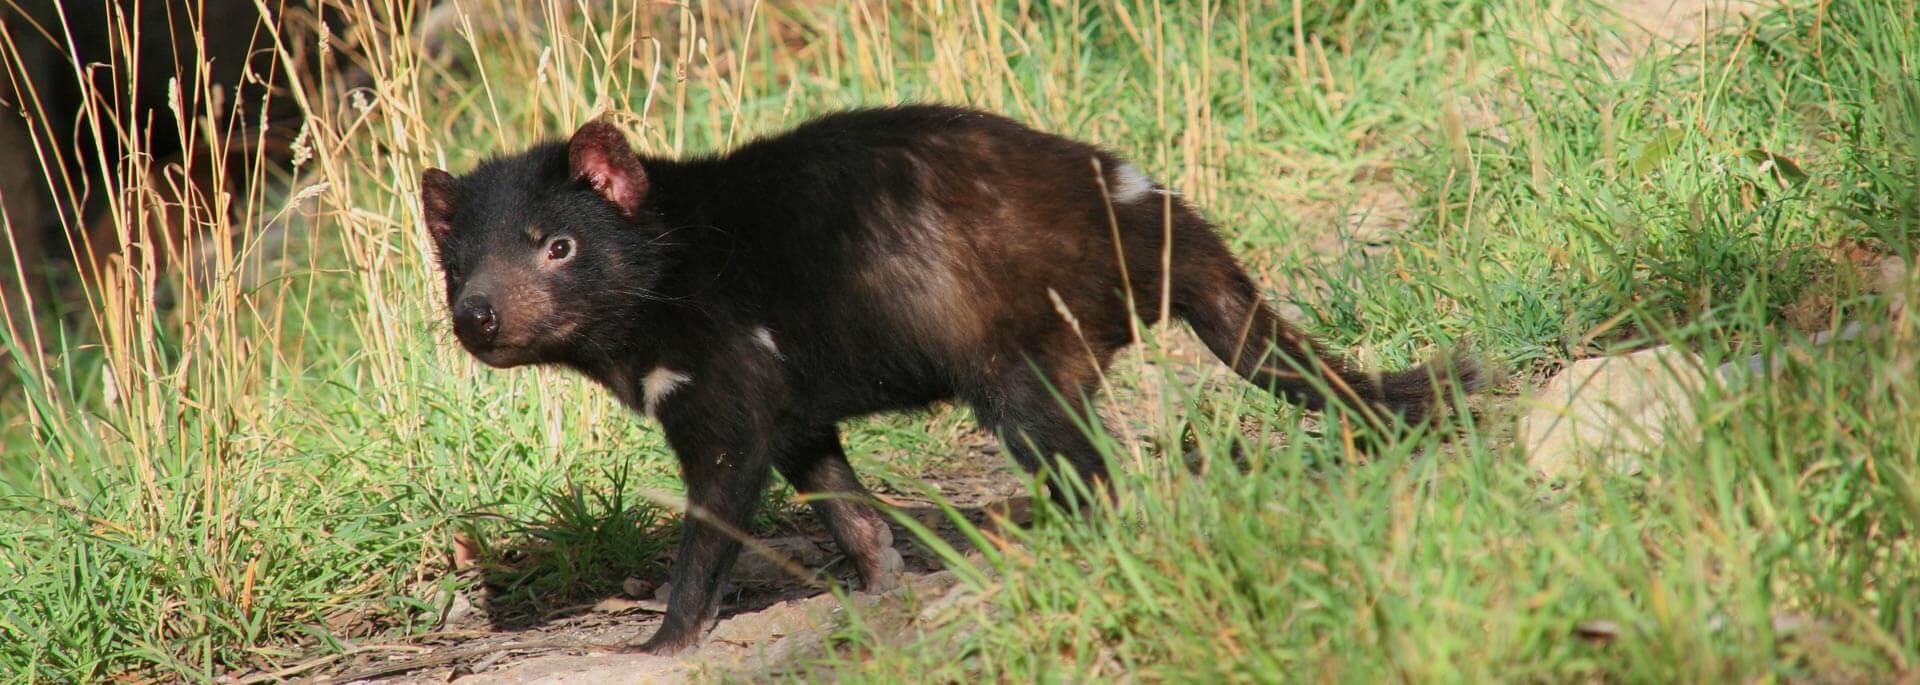 Wie ich eine Tasmanischen Teufel knuddeln wollte